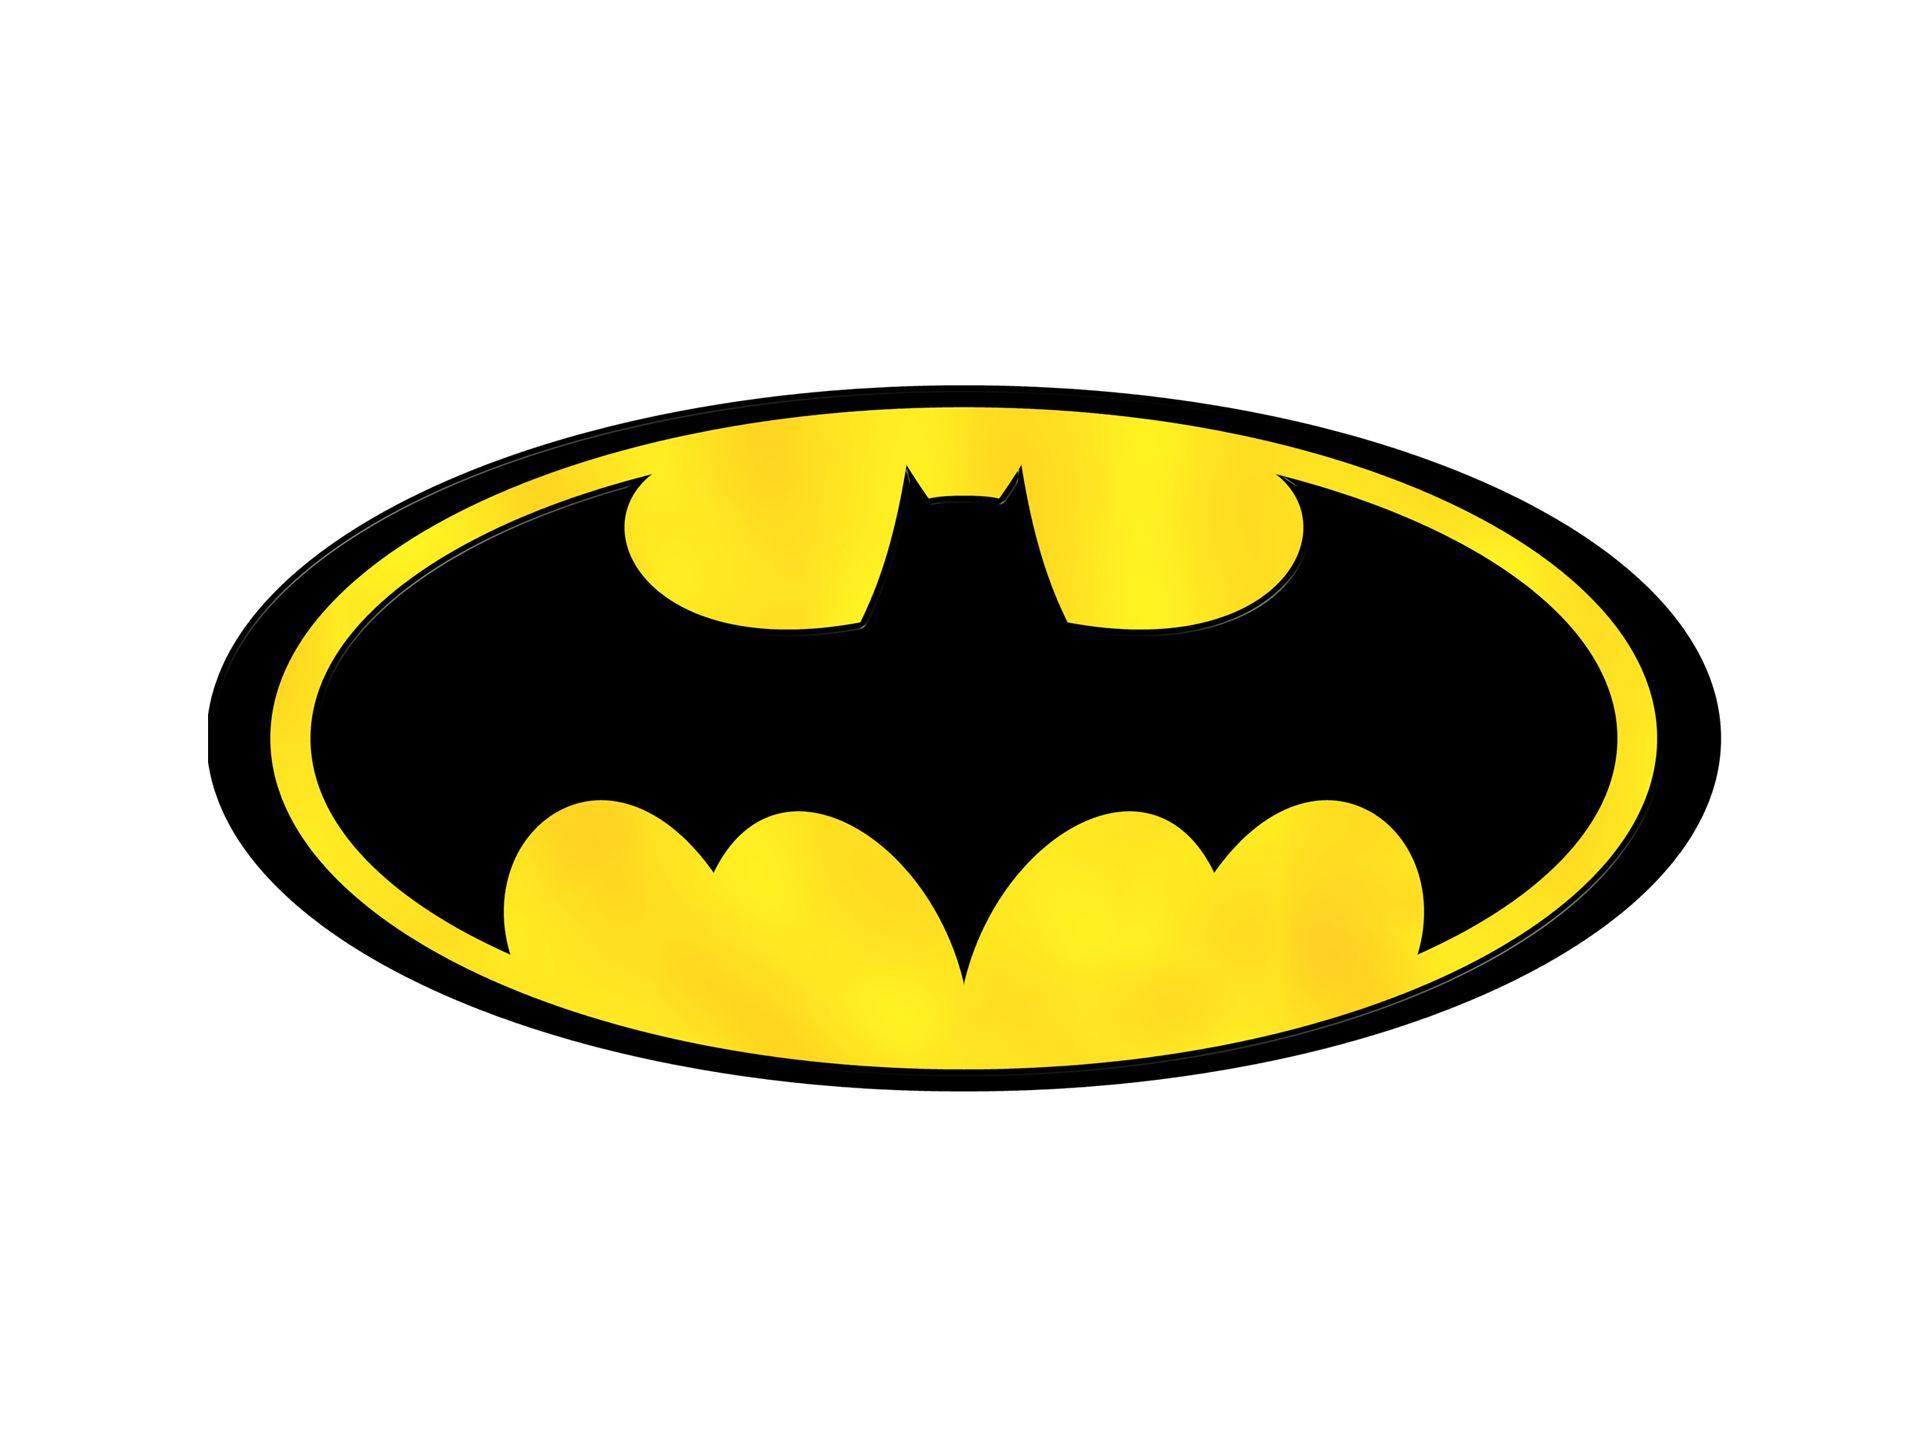 batman logo hd wallpapers - wallpaper cave